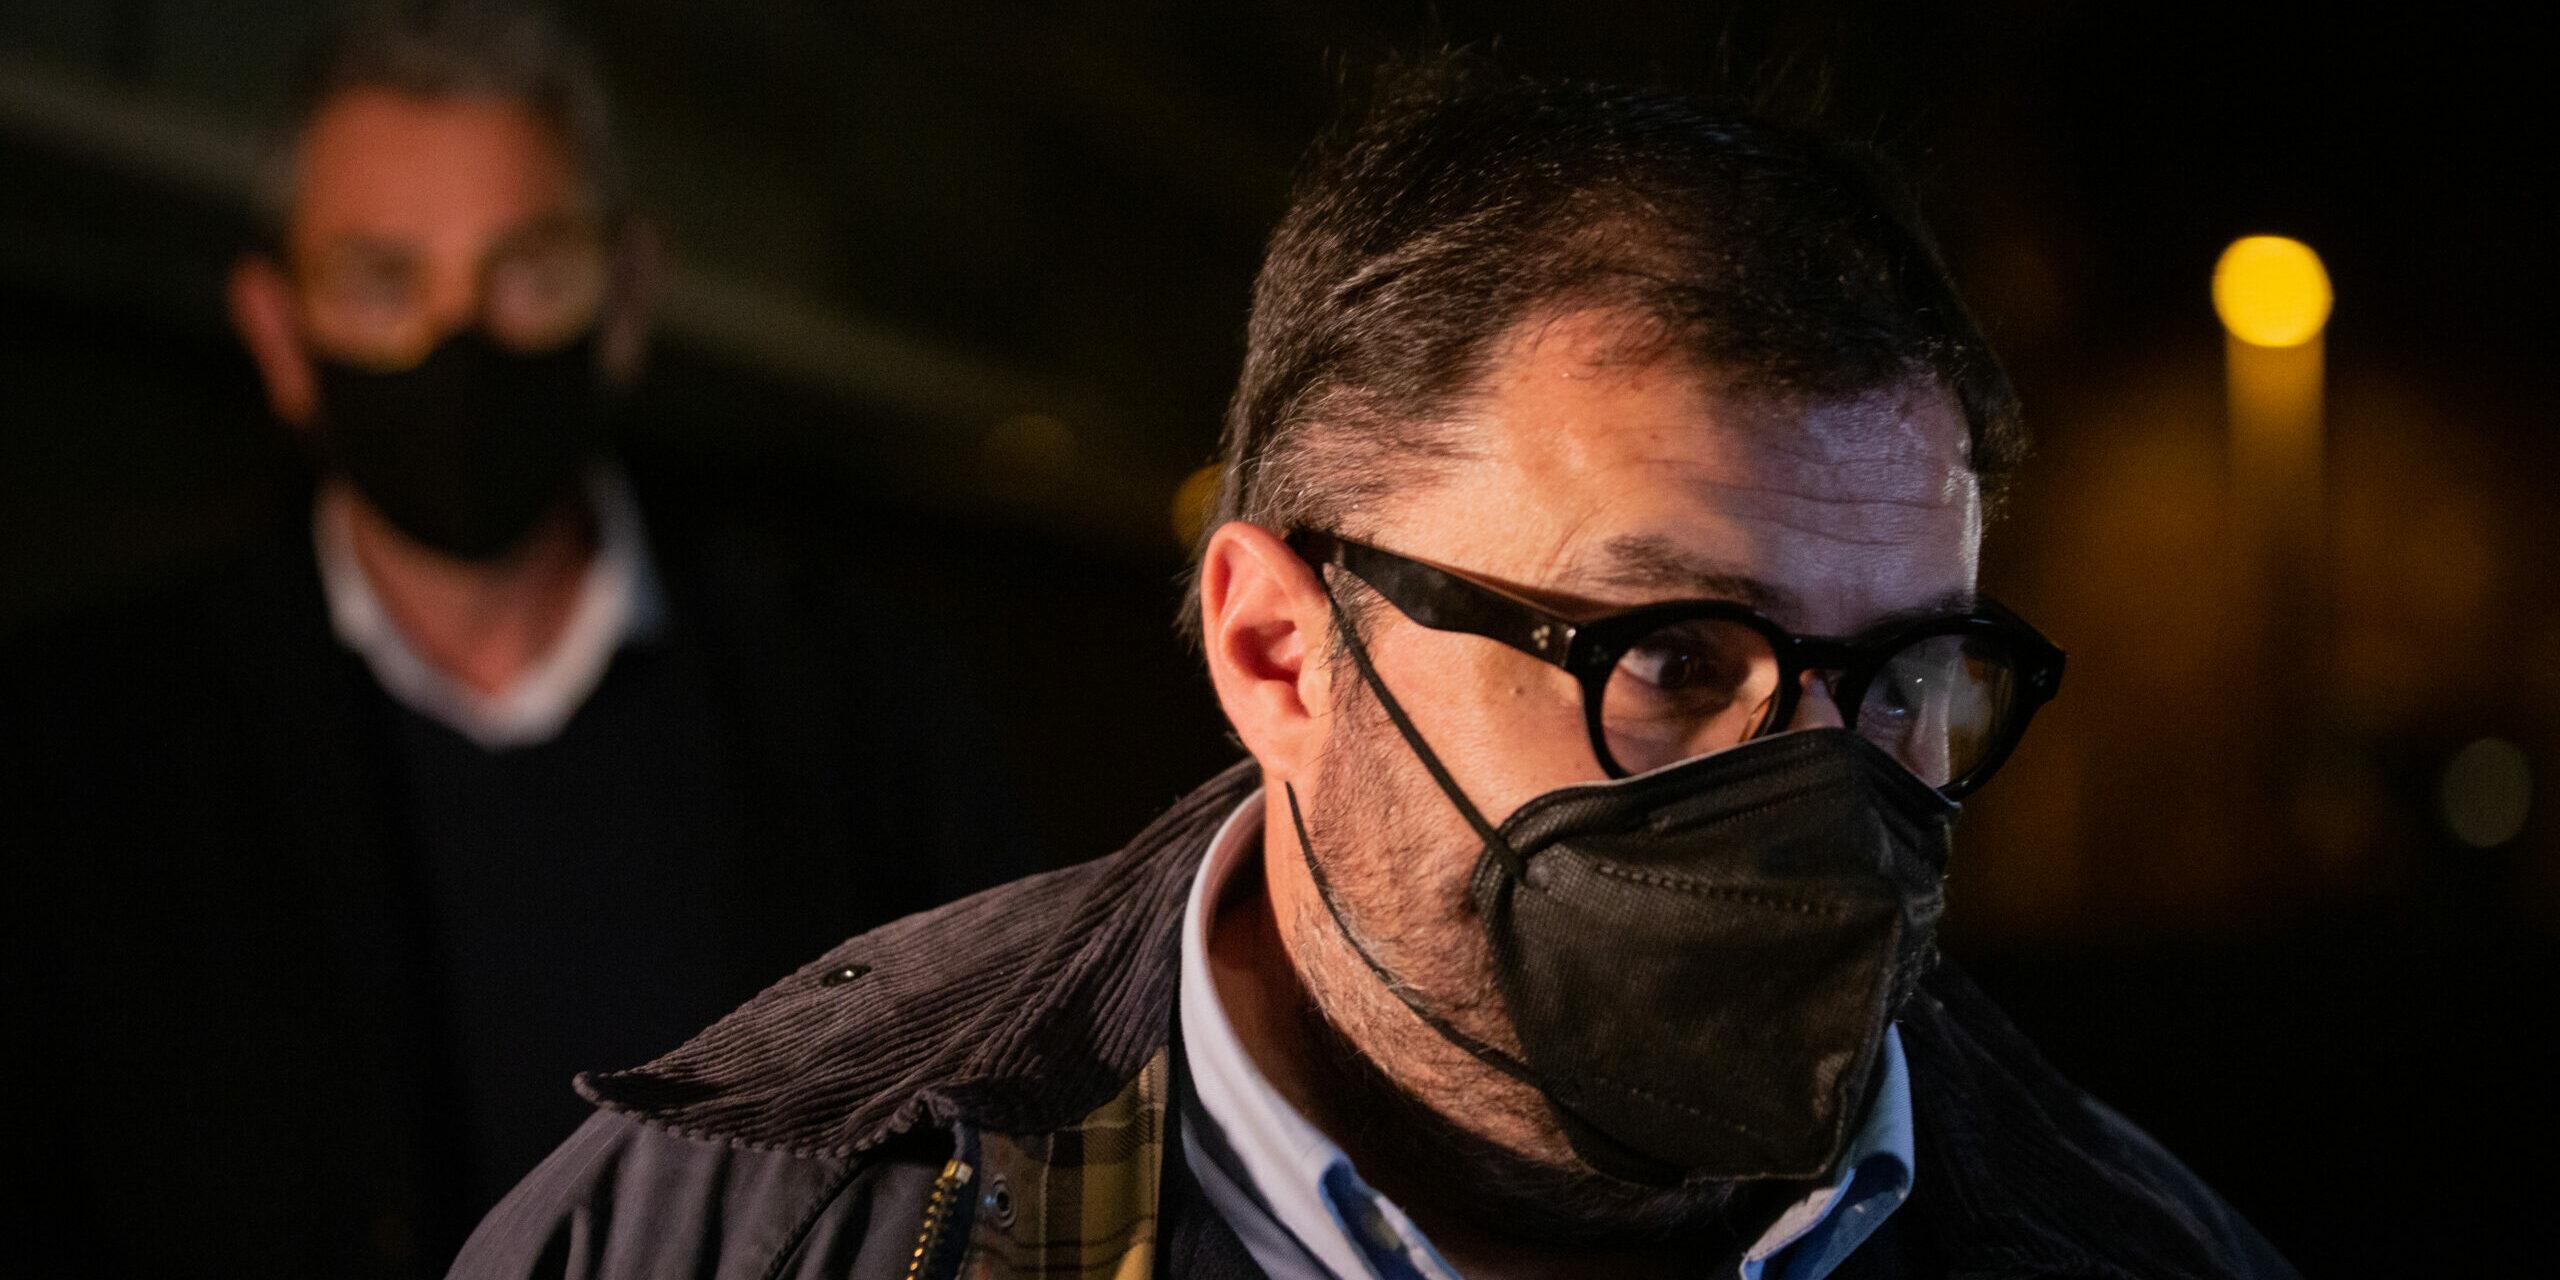 Gómez Ponti, excap dels serveis jurídics del Barça | Europa Press